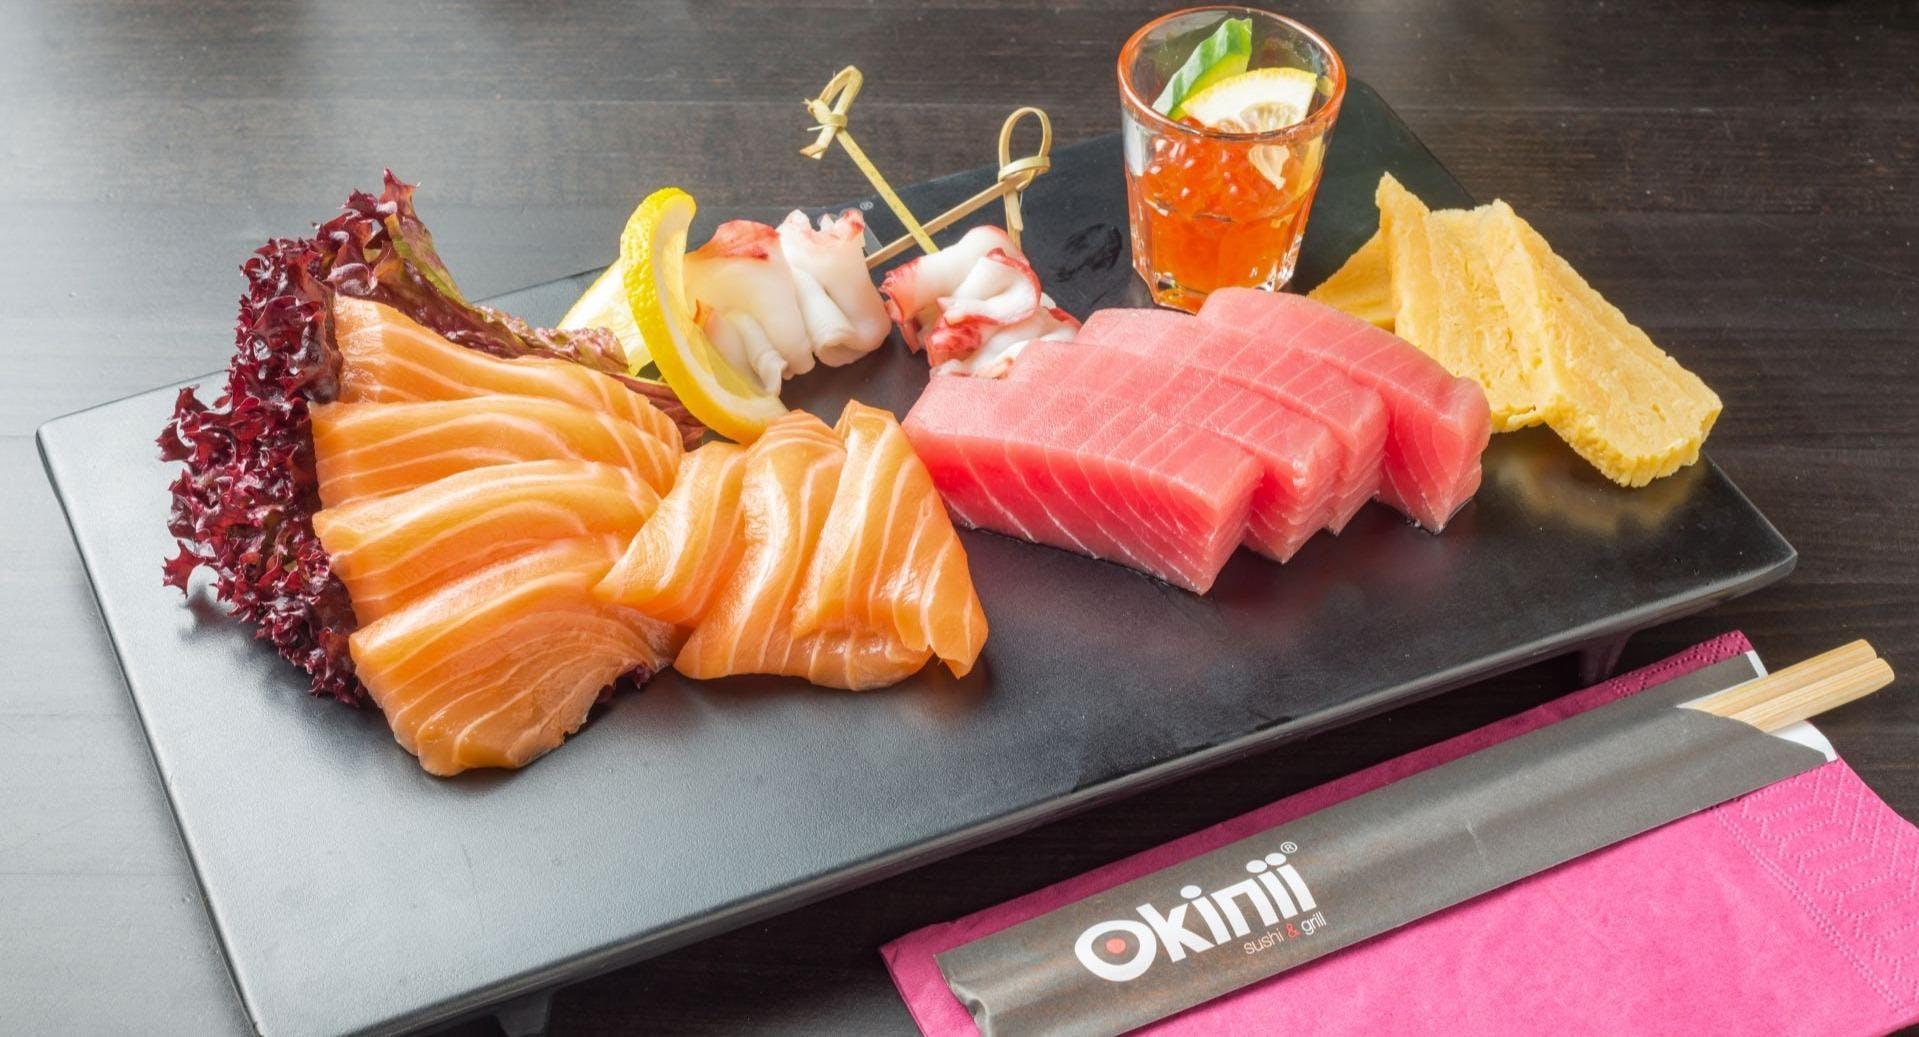 Oishii Saarbrücken image 1